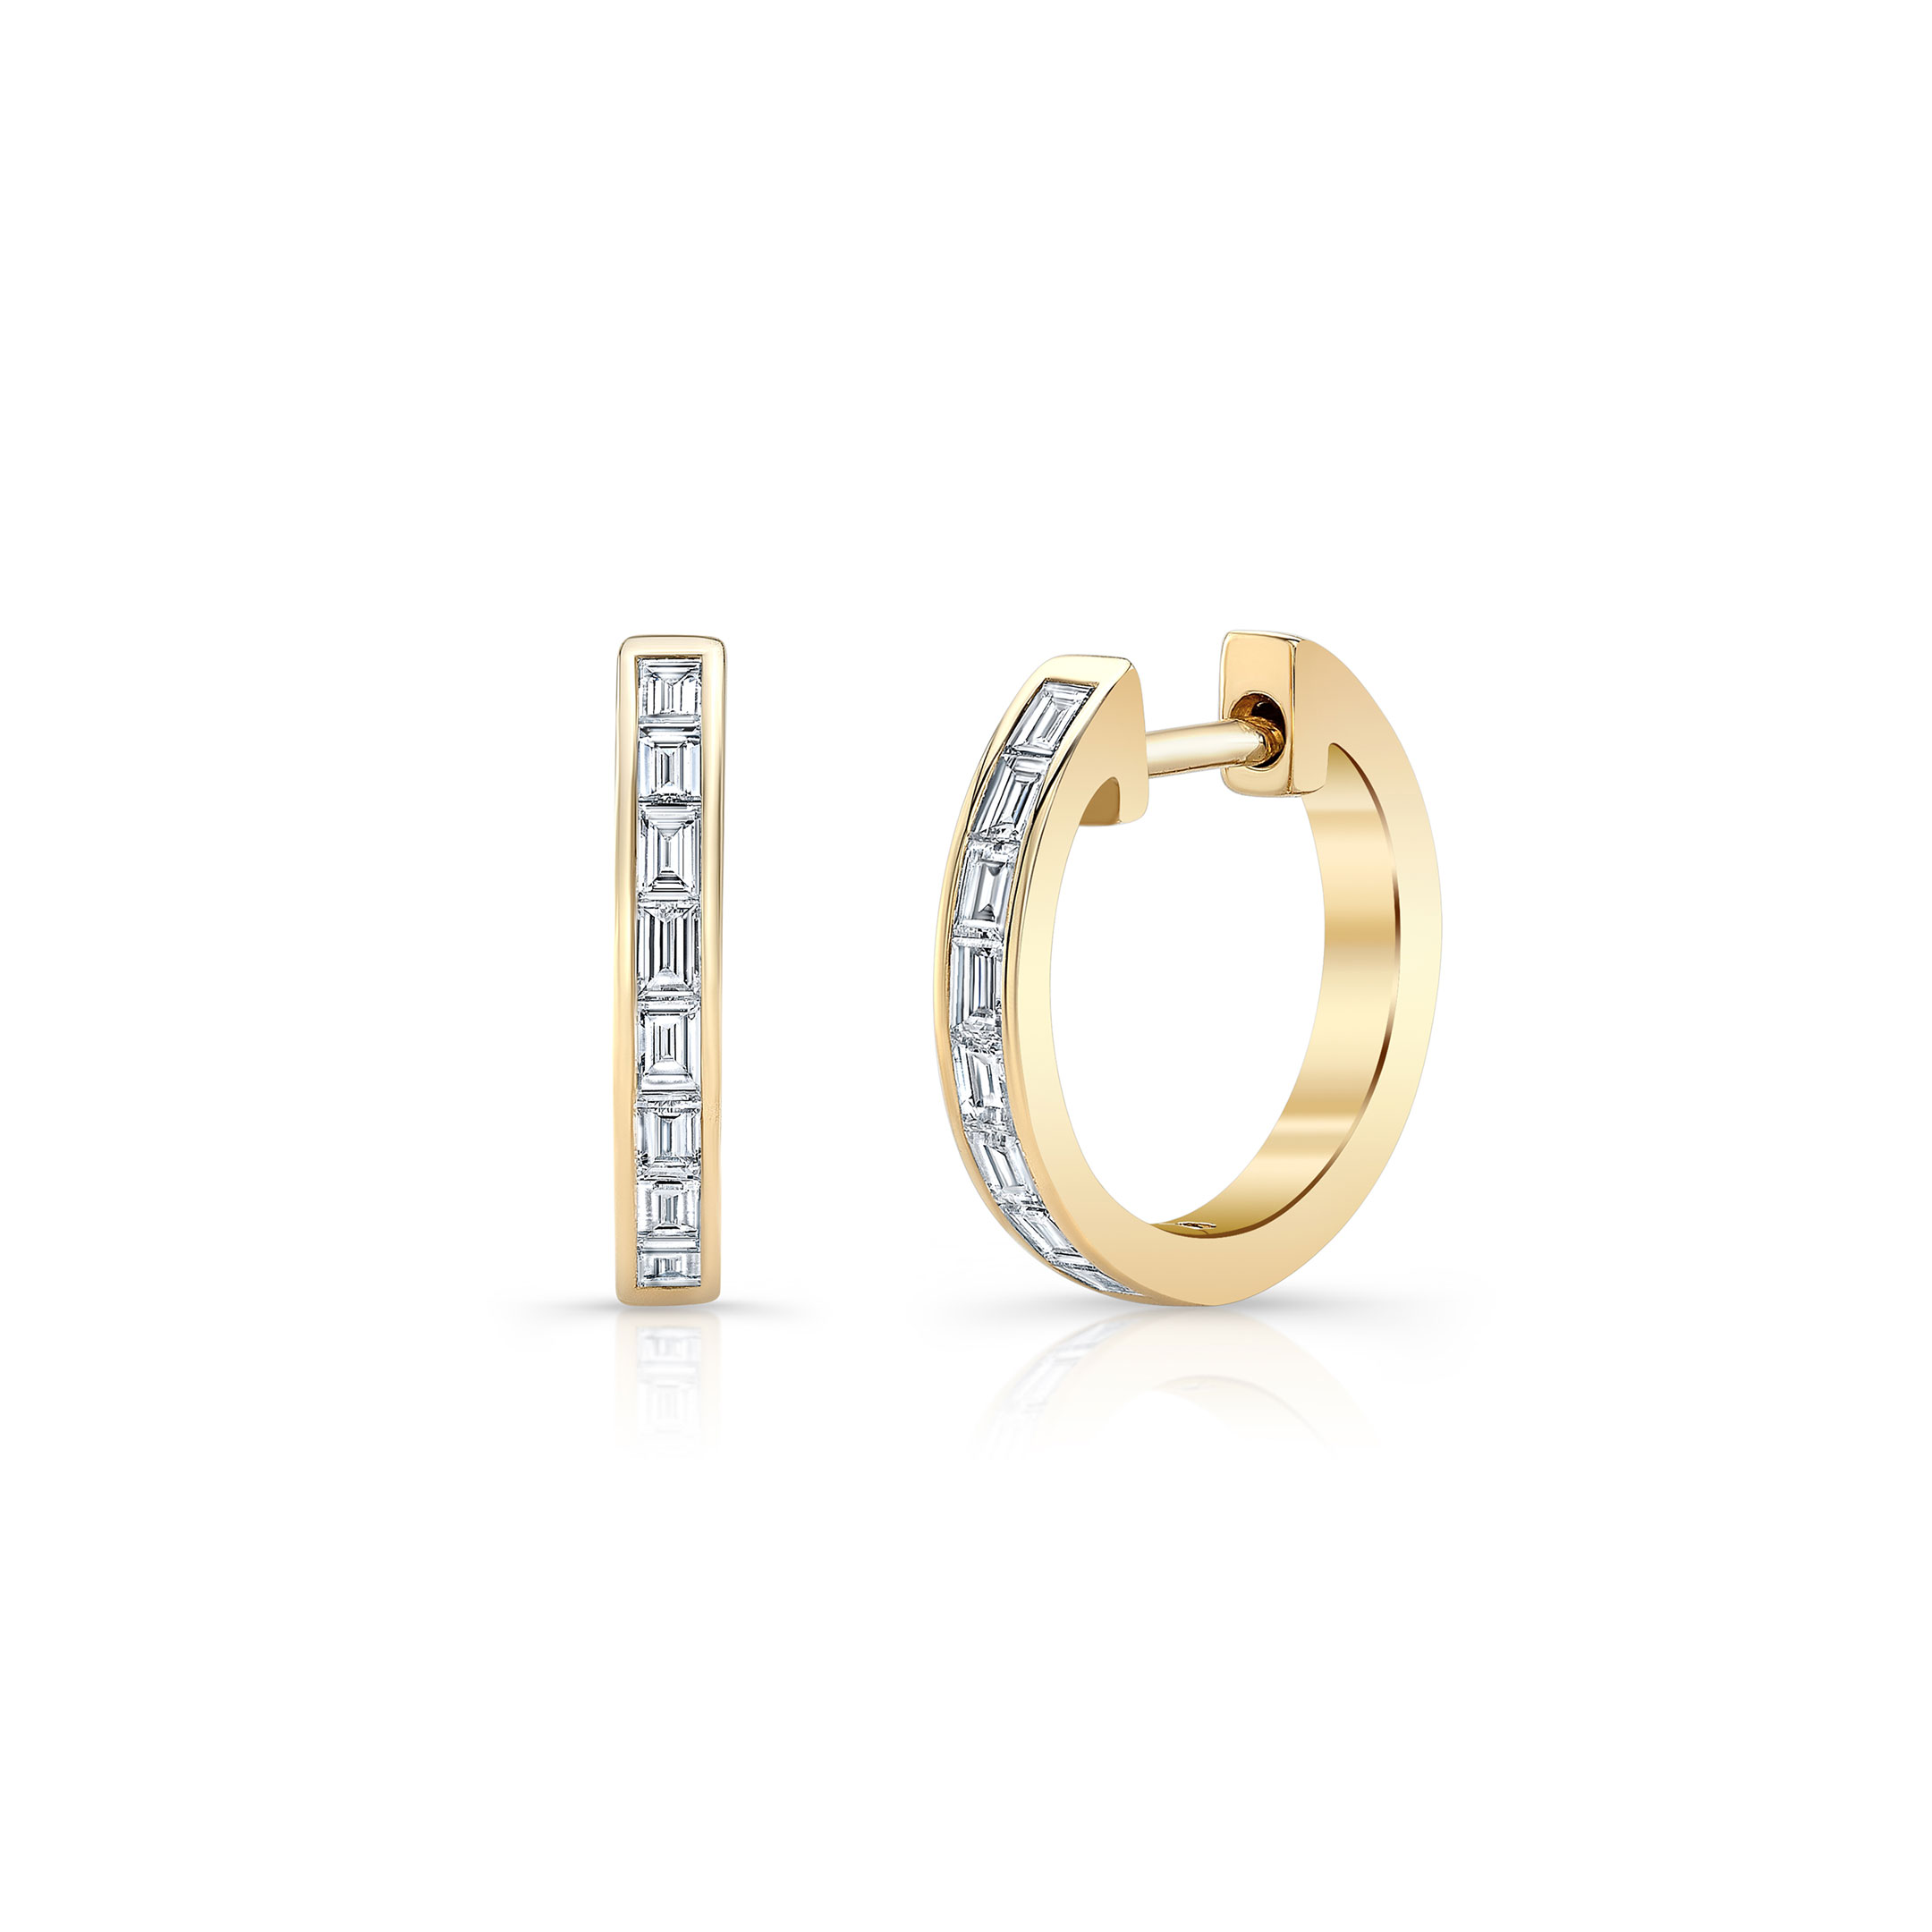 Eloise Mini Baguette Diamond Huggie Earrings in 18k Yellow Gold Front View by Oui by Jean Dousset